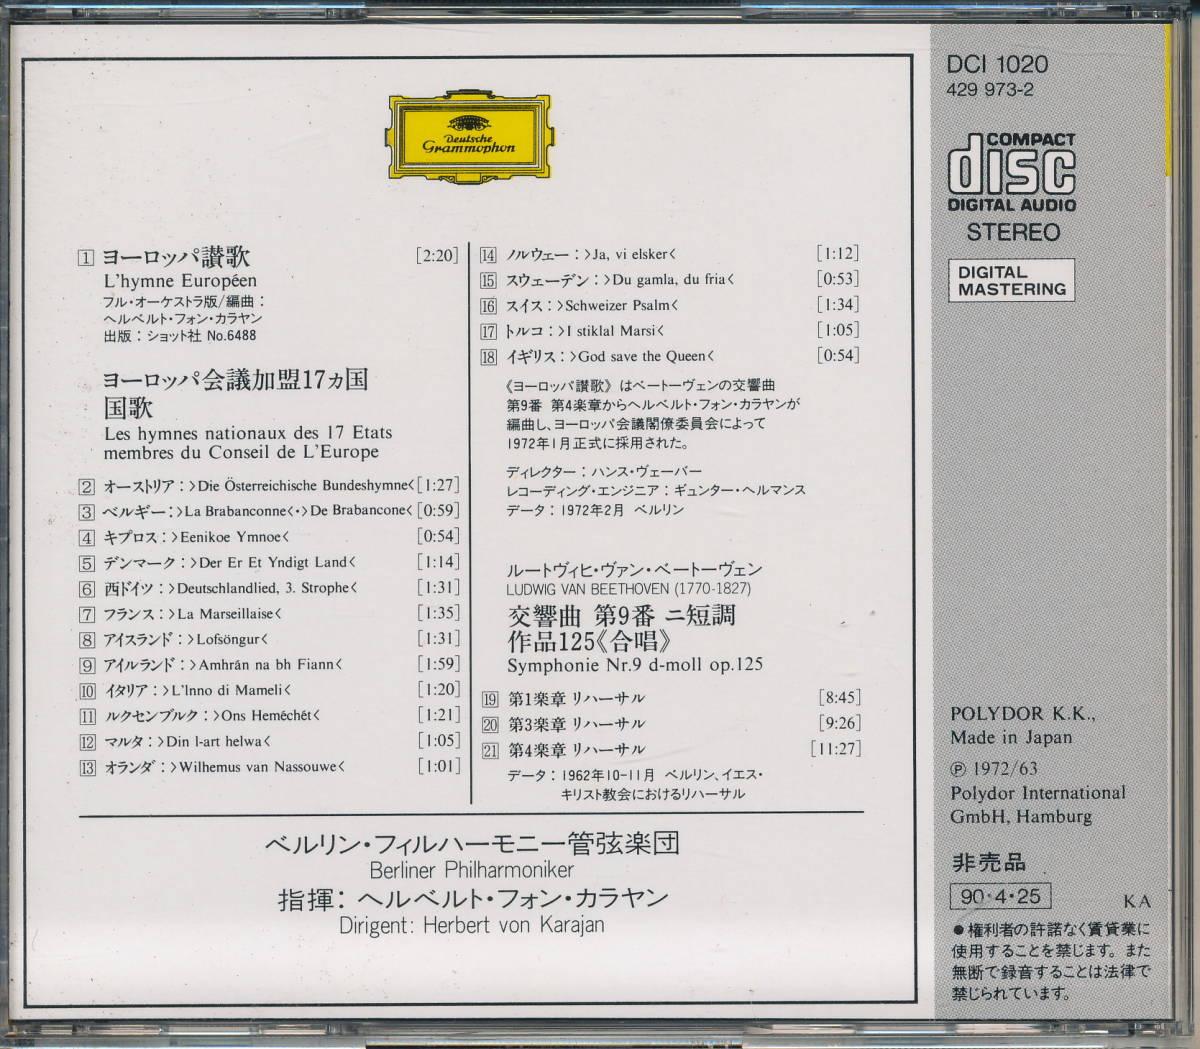 ヨーロッパ讃歌 ほか/ベートーヴェン:交響曲第9番(リハーサル)、カラヤン指揮/ベルリン・フィル管弦楽団、国内盤(非売品)CD/ゴールドCD_画像2